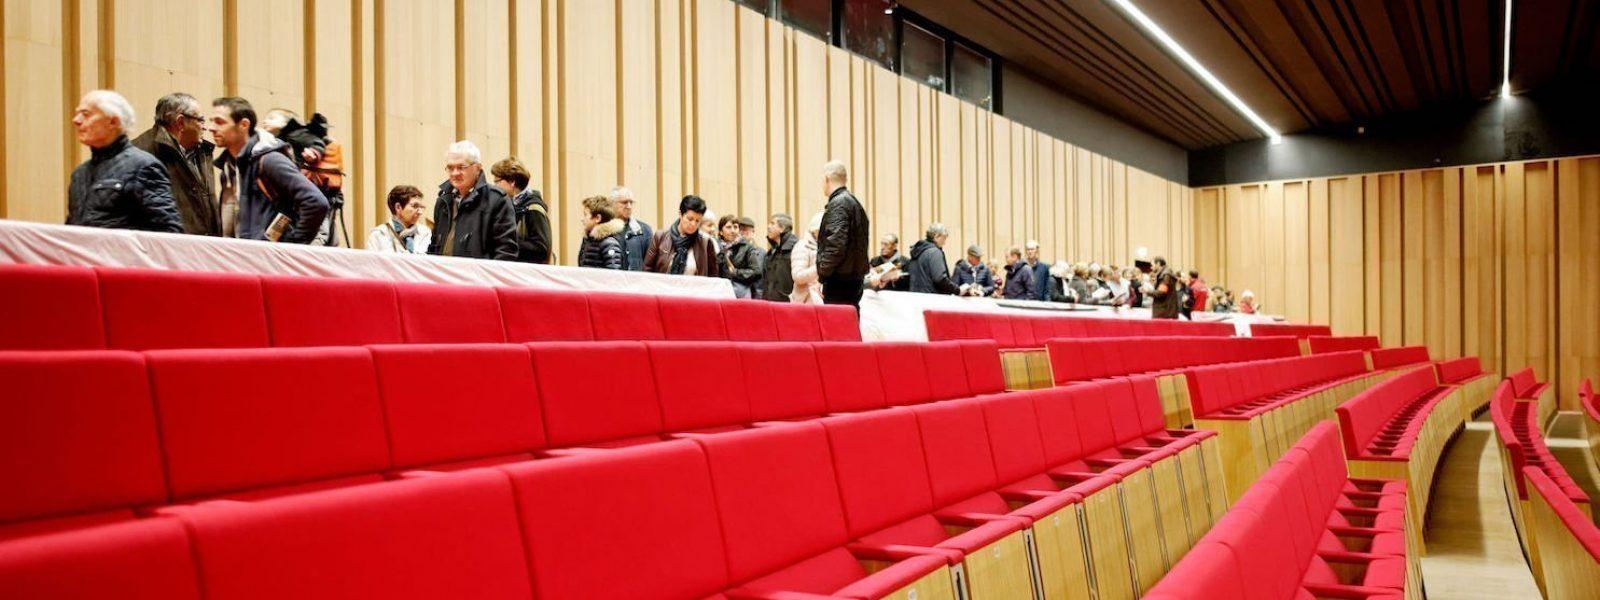 L'auditorium du centre des congrès de Rennes lors des portes ouvertes